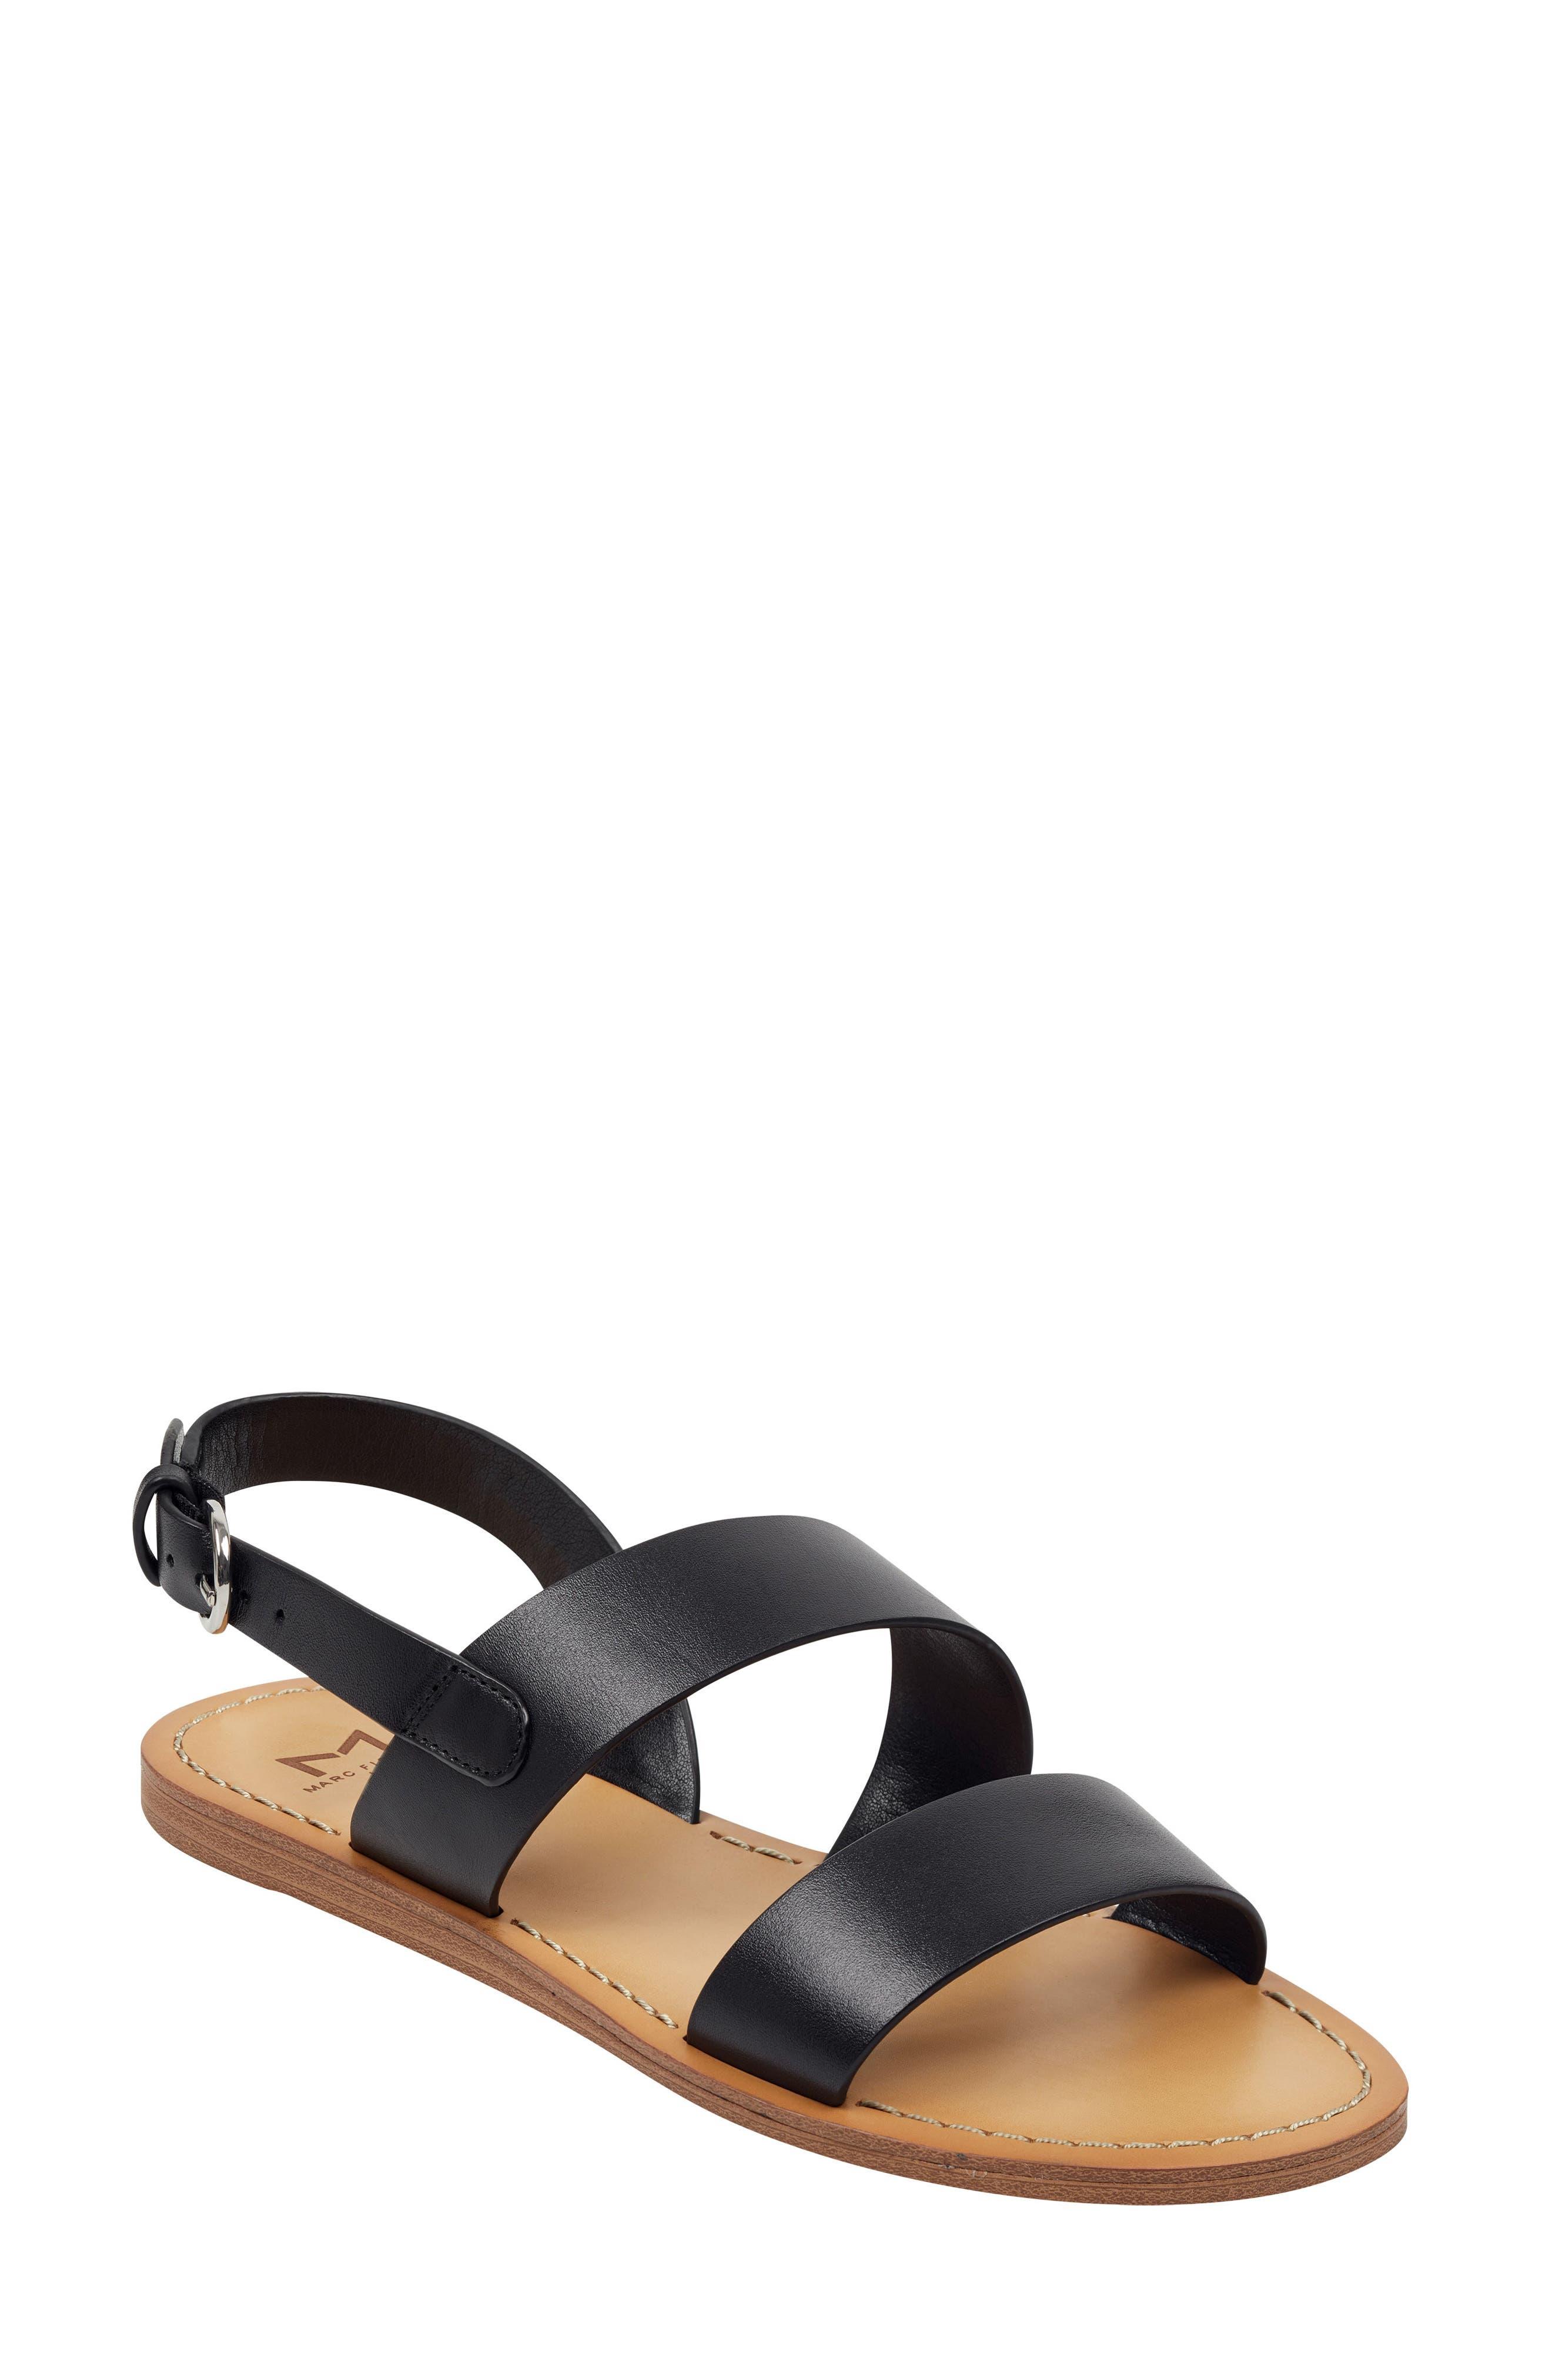 Pacon Sandal, Main, color, BLACK LEATHER